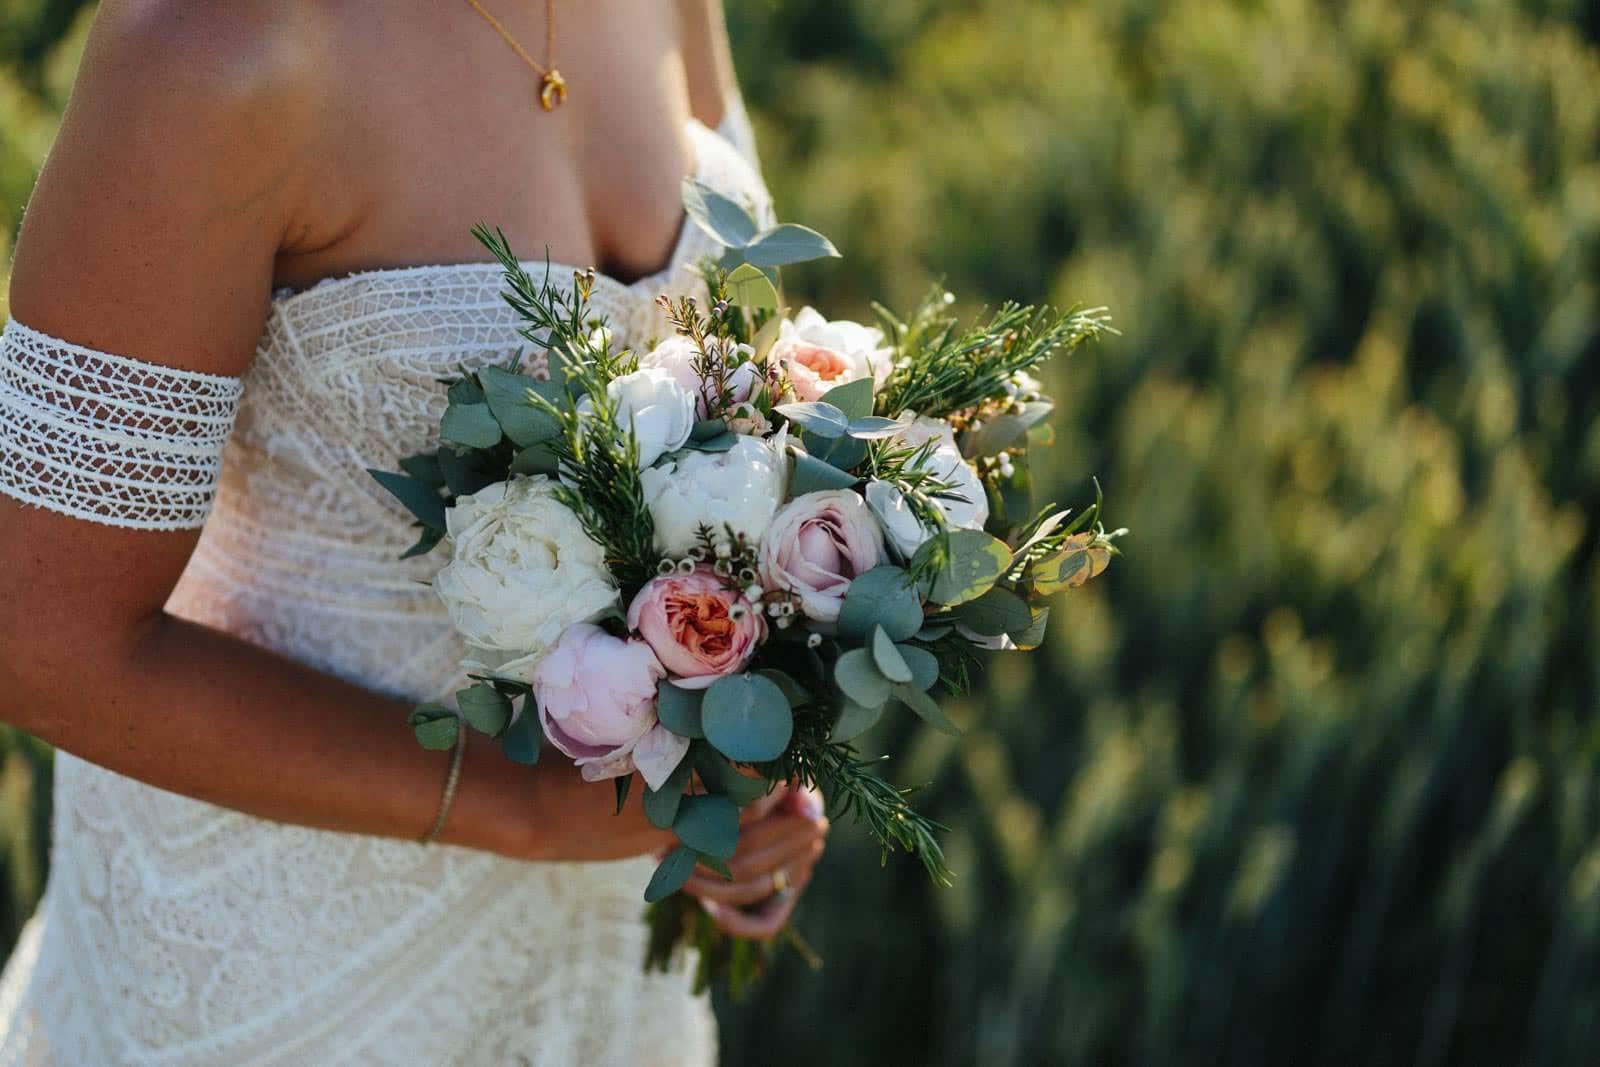 beautiful wedding flowers in a wheat field held by a boho bride